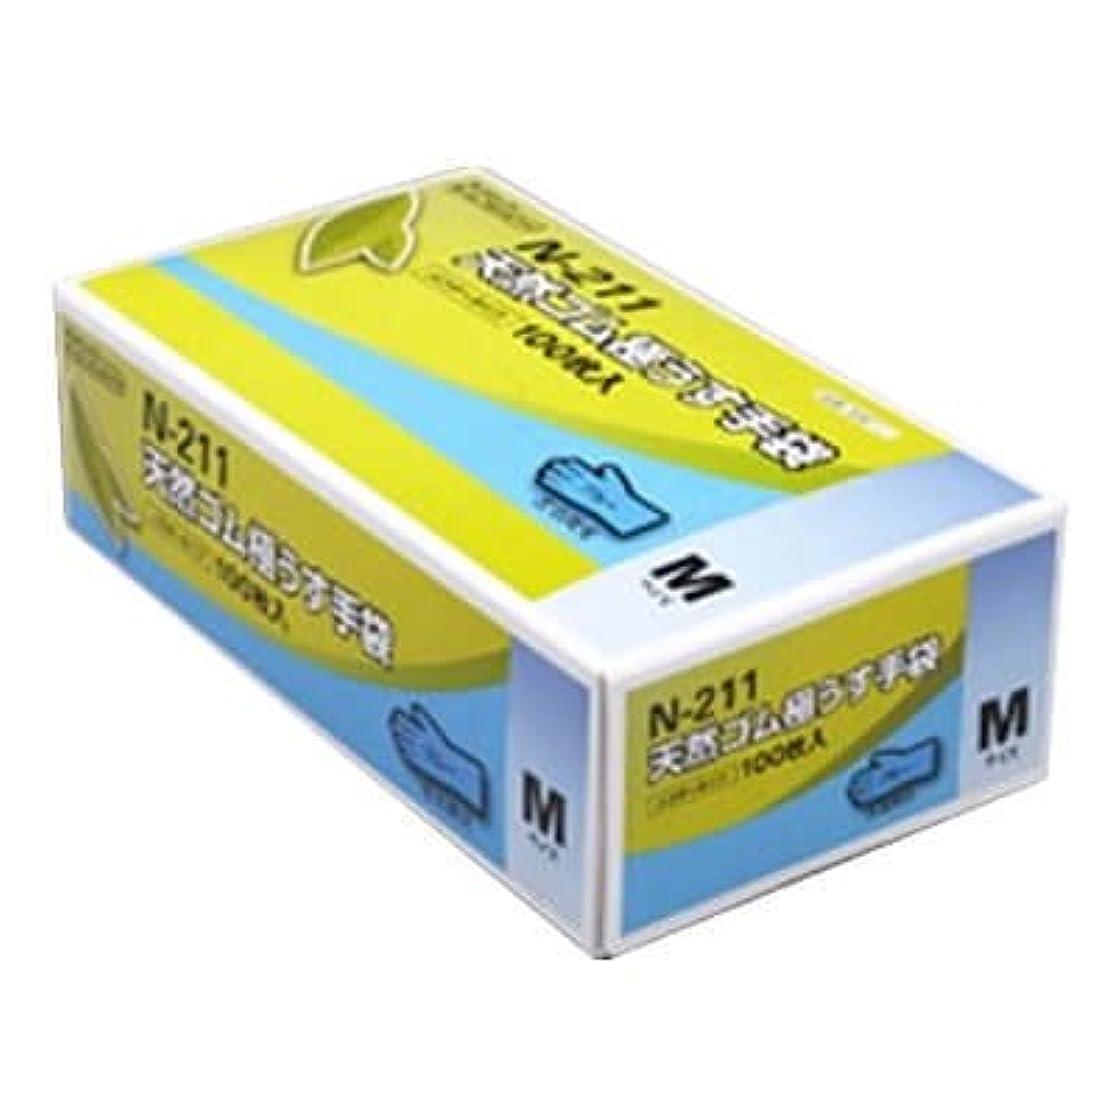 合理化意識ズームインする【ケース販売】 ダンロップ 天然ゴム極うす手袋 N-211 M ブルー (100枚入×20箱)